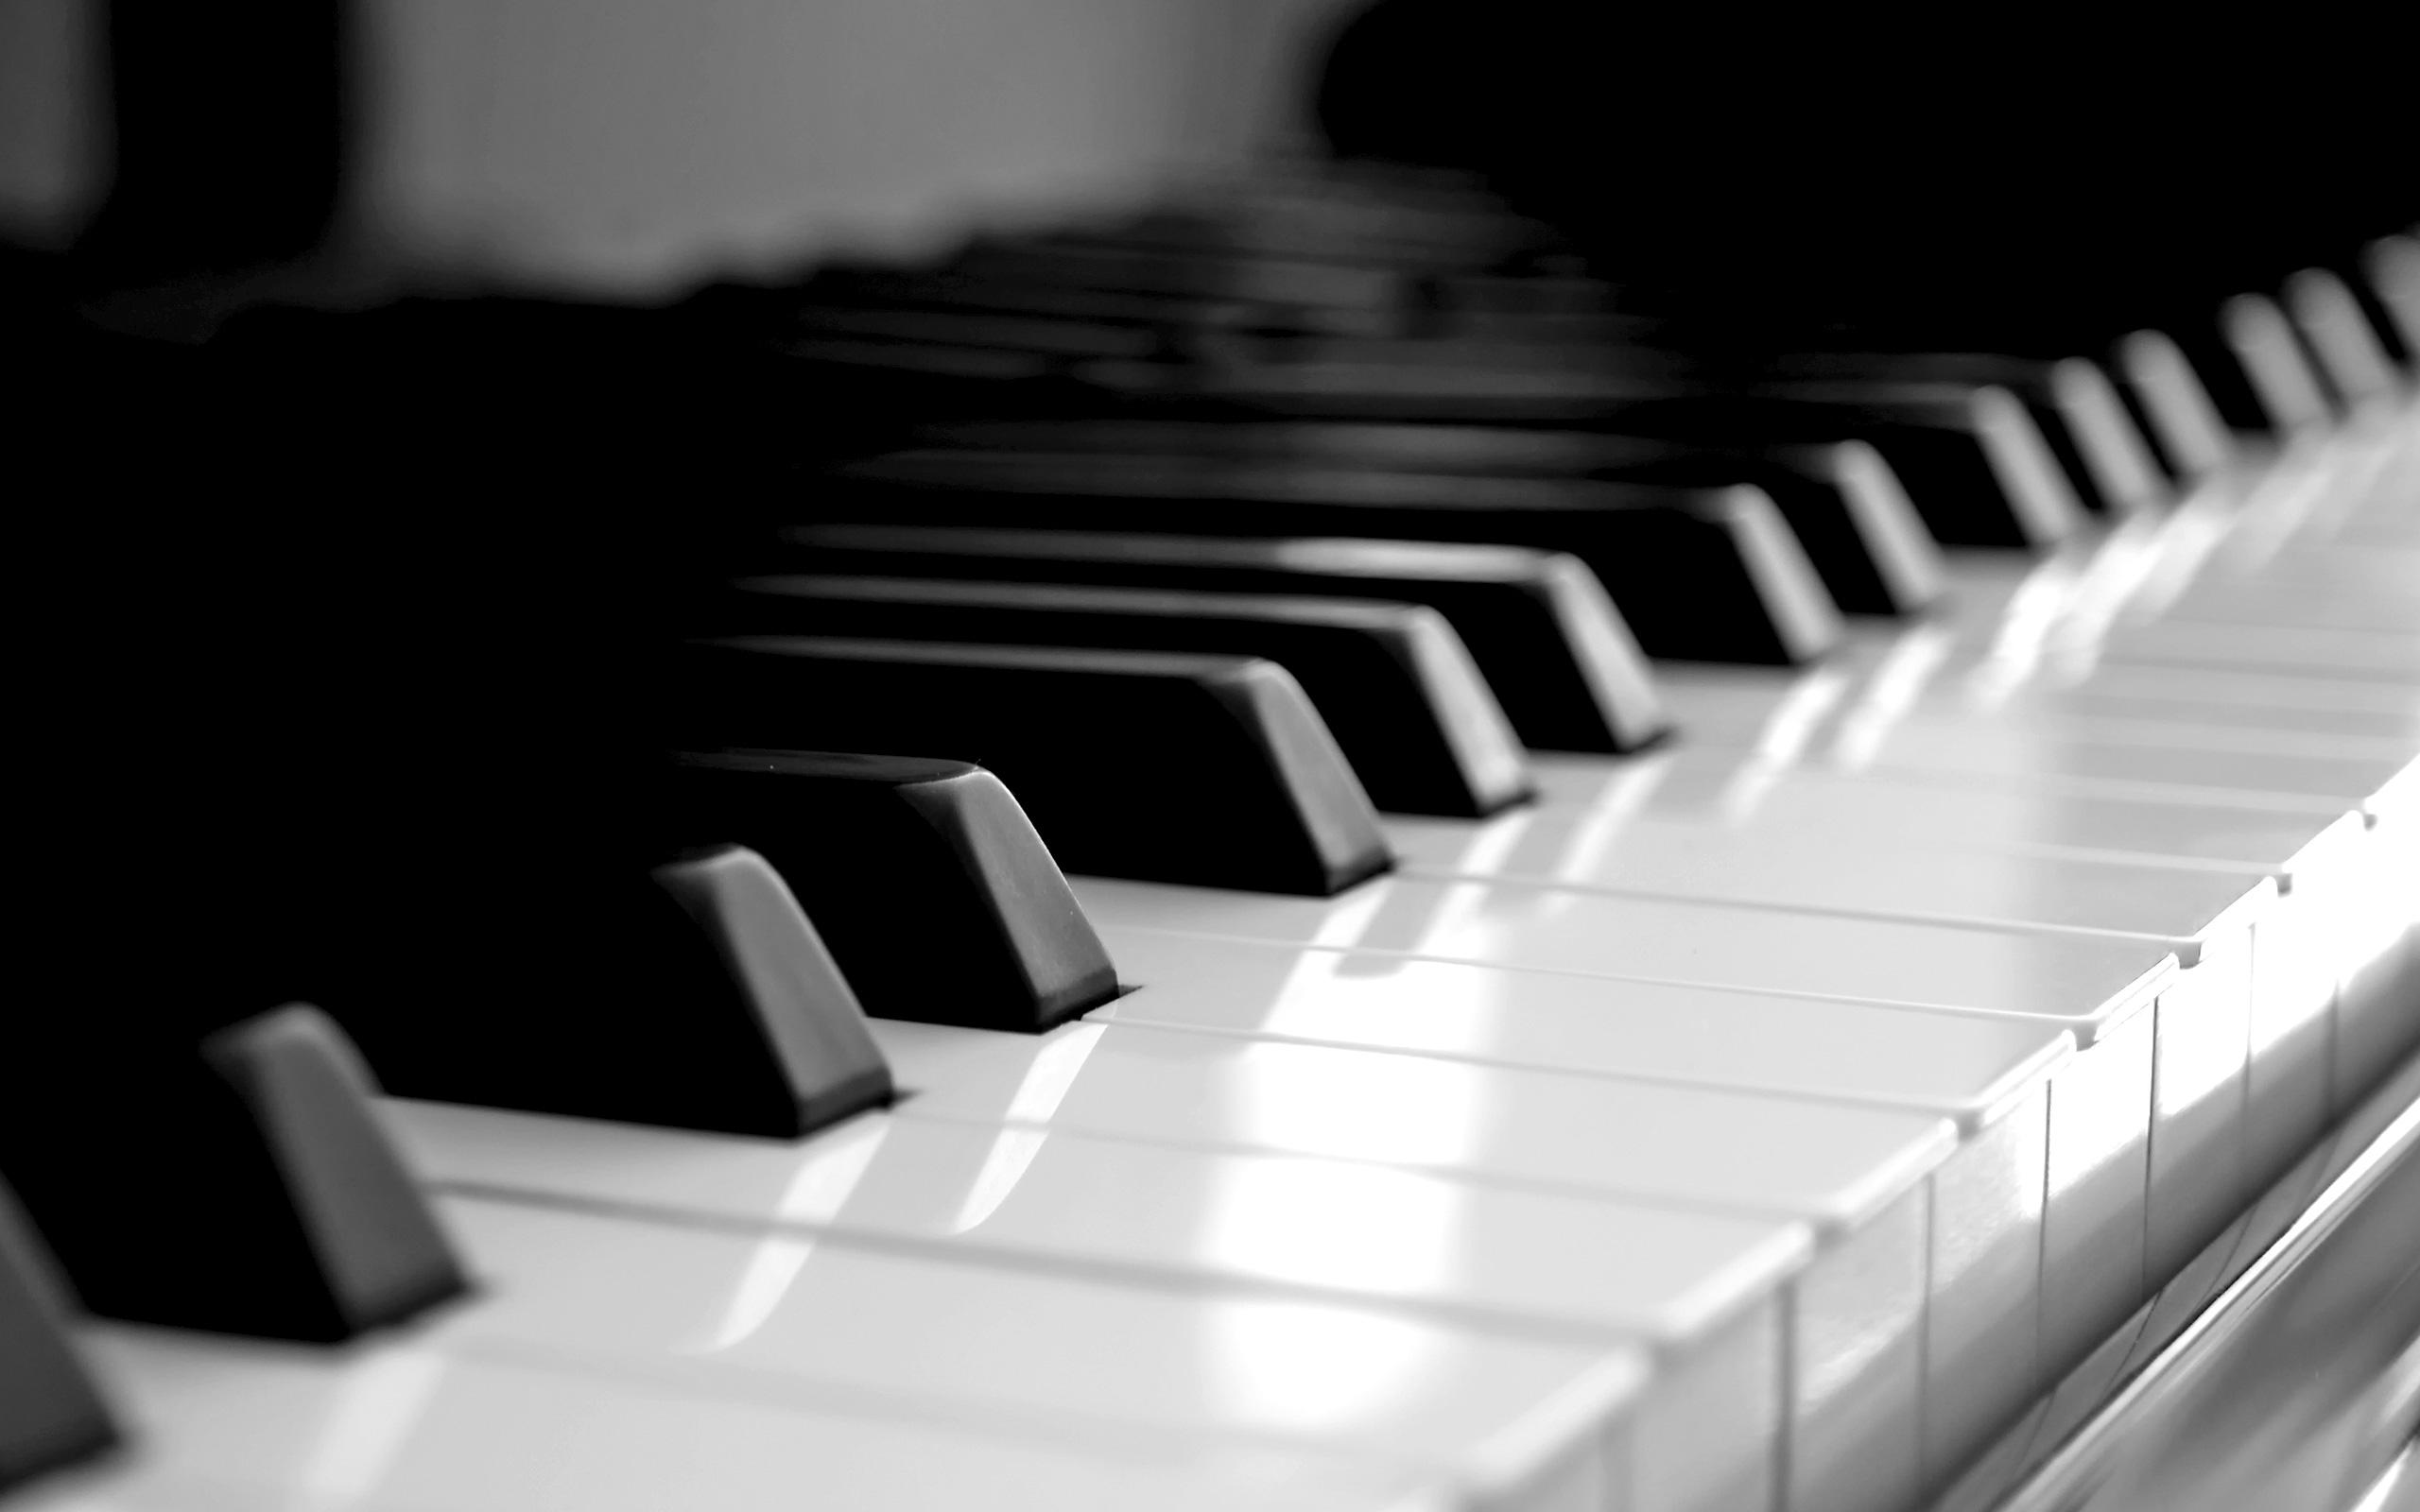 「ピアノ」の画像検索結果